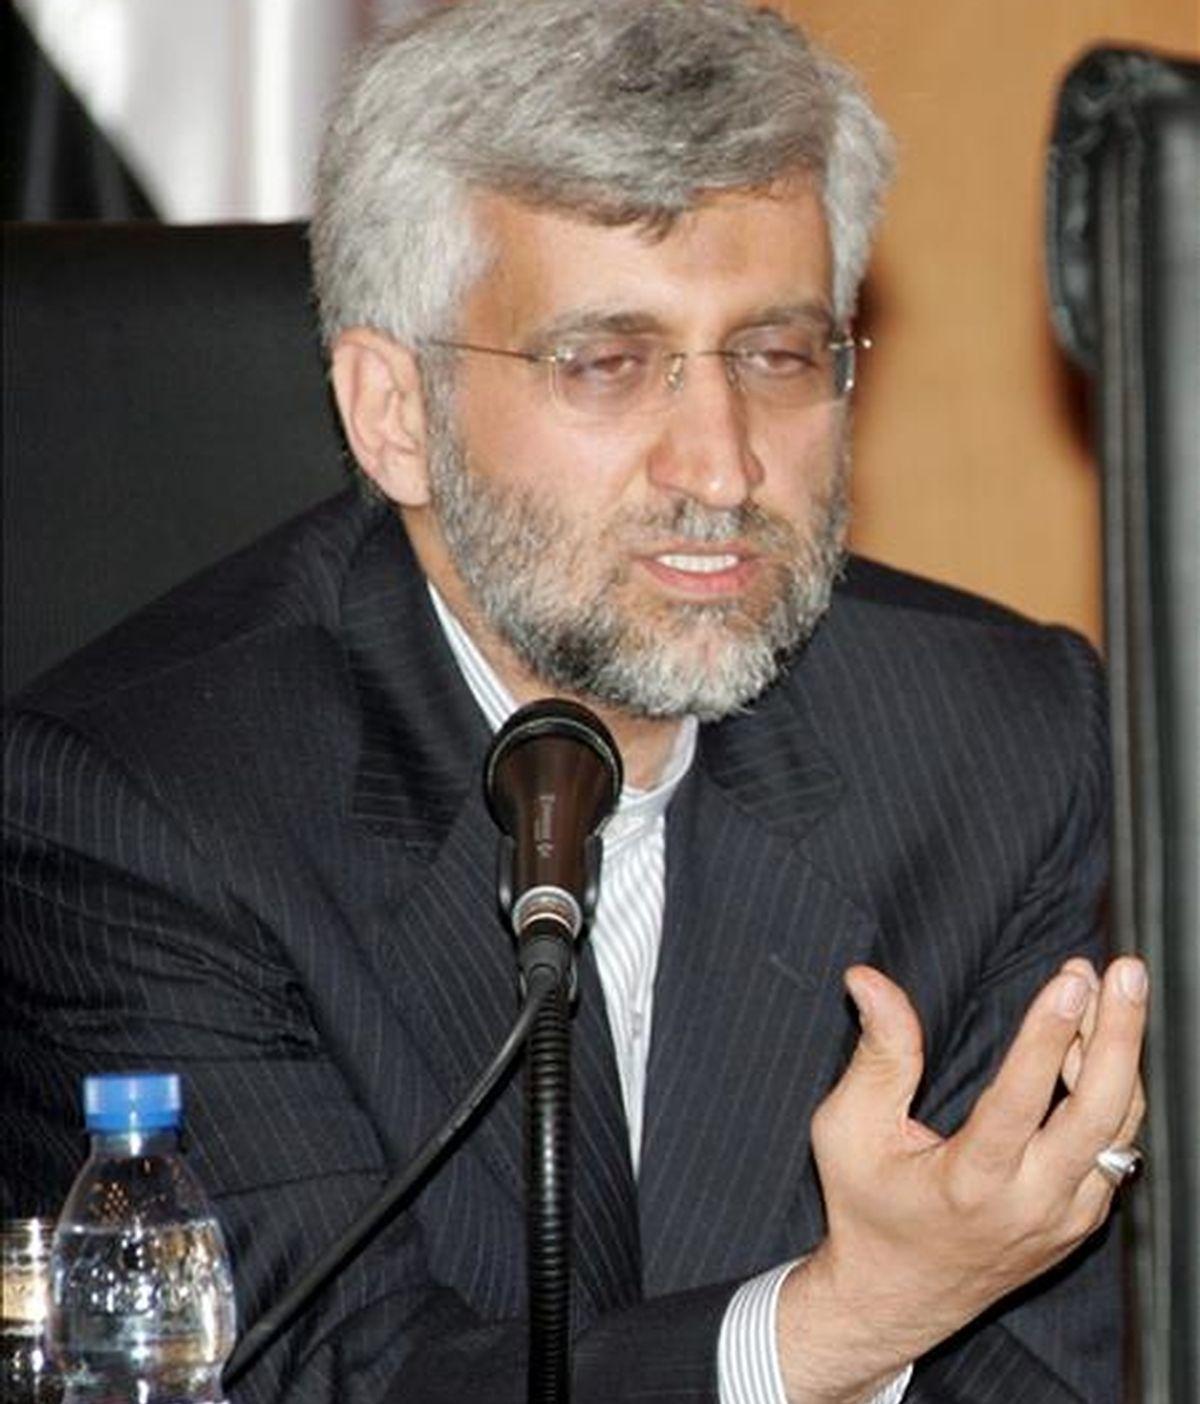 El jefe del Consejo de Seguridad Nacional iraní, Said Jalili, dice que Irán presentó hace dos años un paquete de propuestas para que sirva de base para las negociaciones con el 5+1. EFE/Archivo